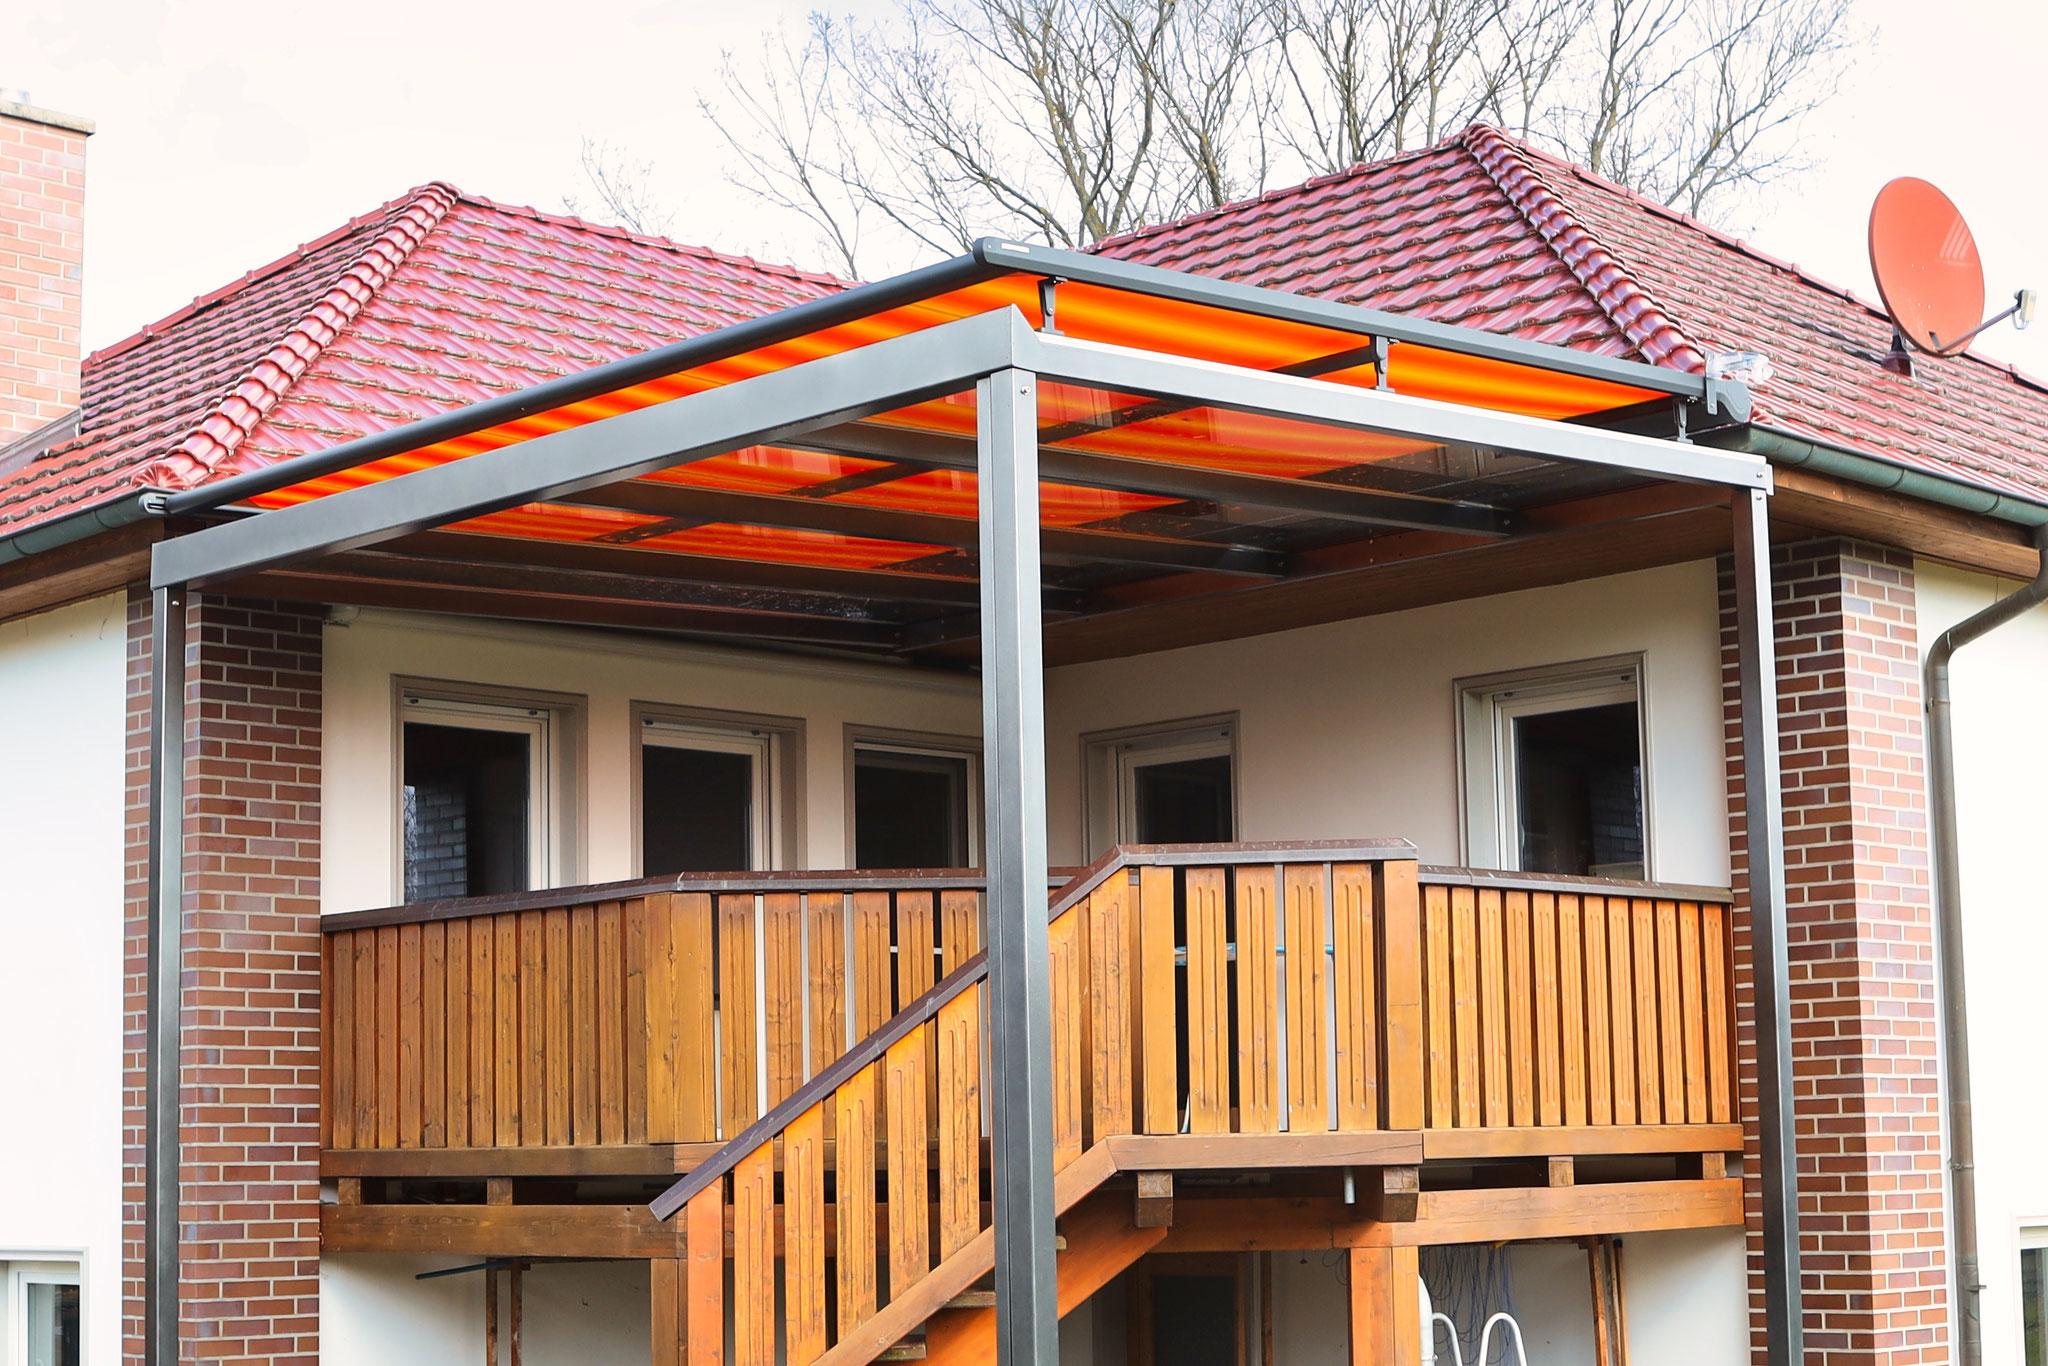 Vordach mit Markise